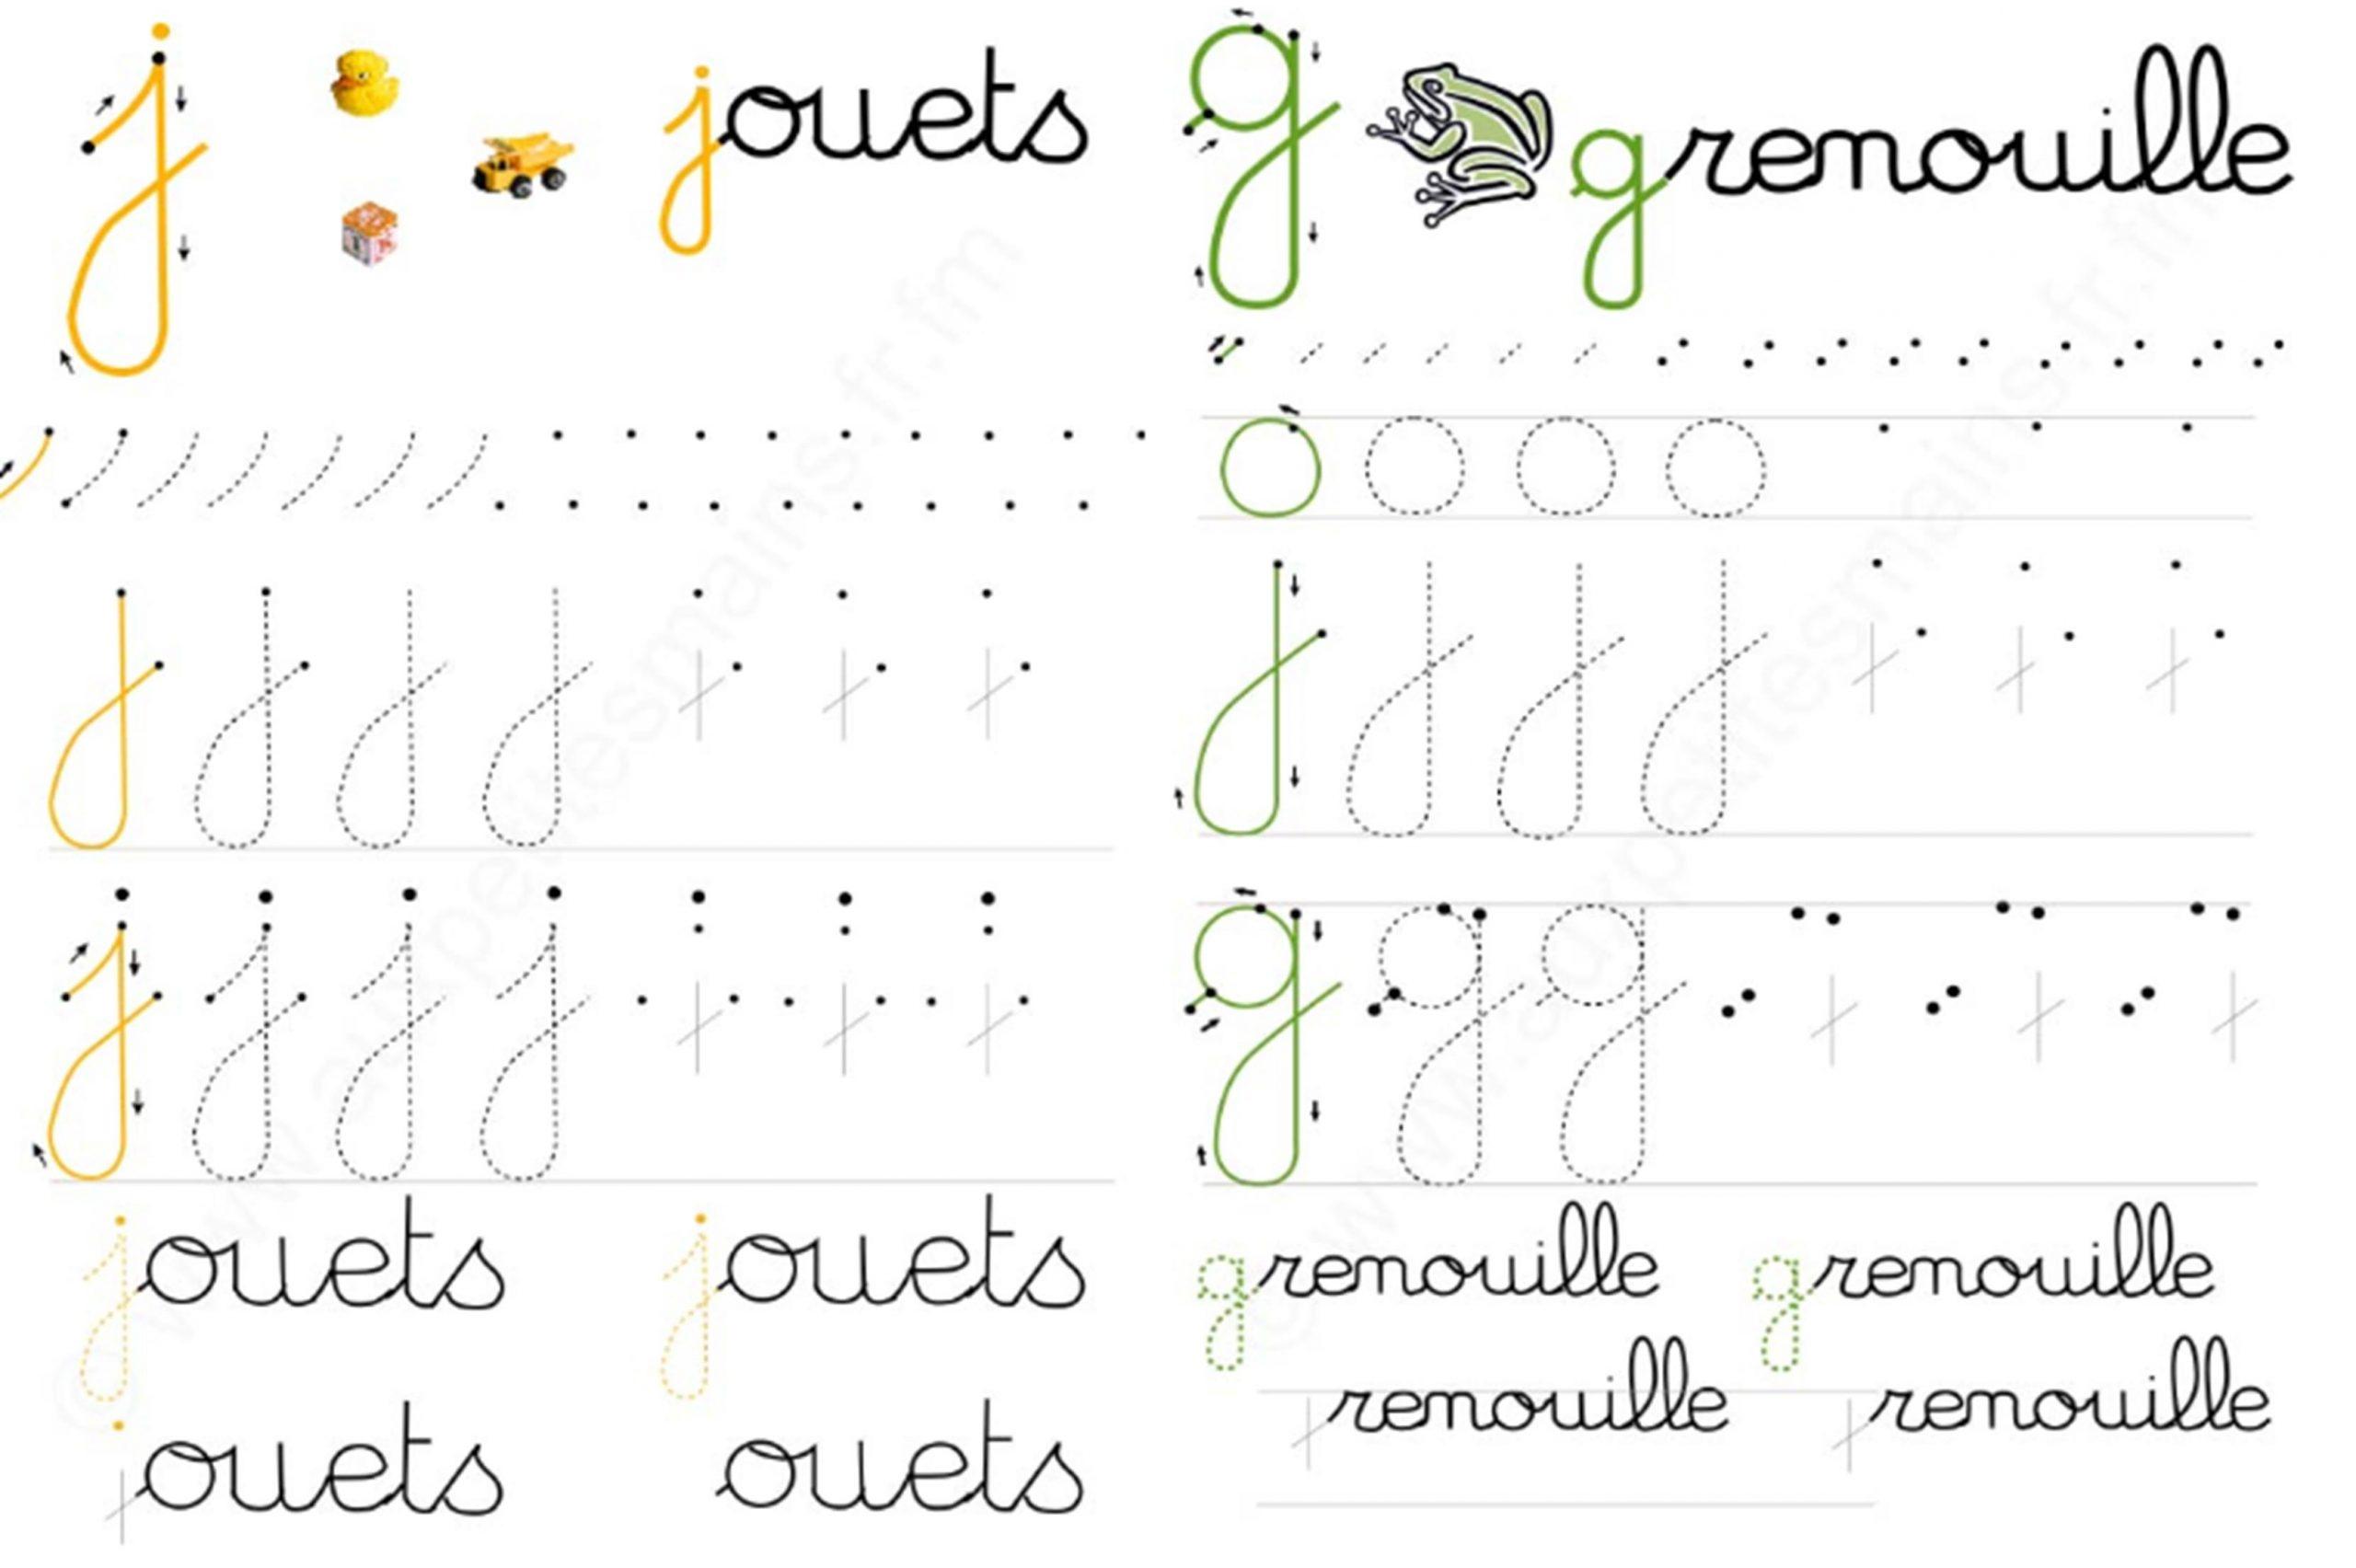 Fichier D'écriture Grande Section | Le Blog De Monsieur Mathieu serapportantà Jeux Maternelle Grande Section En Ligne